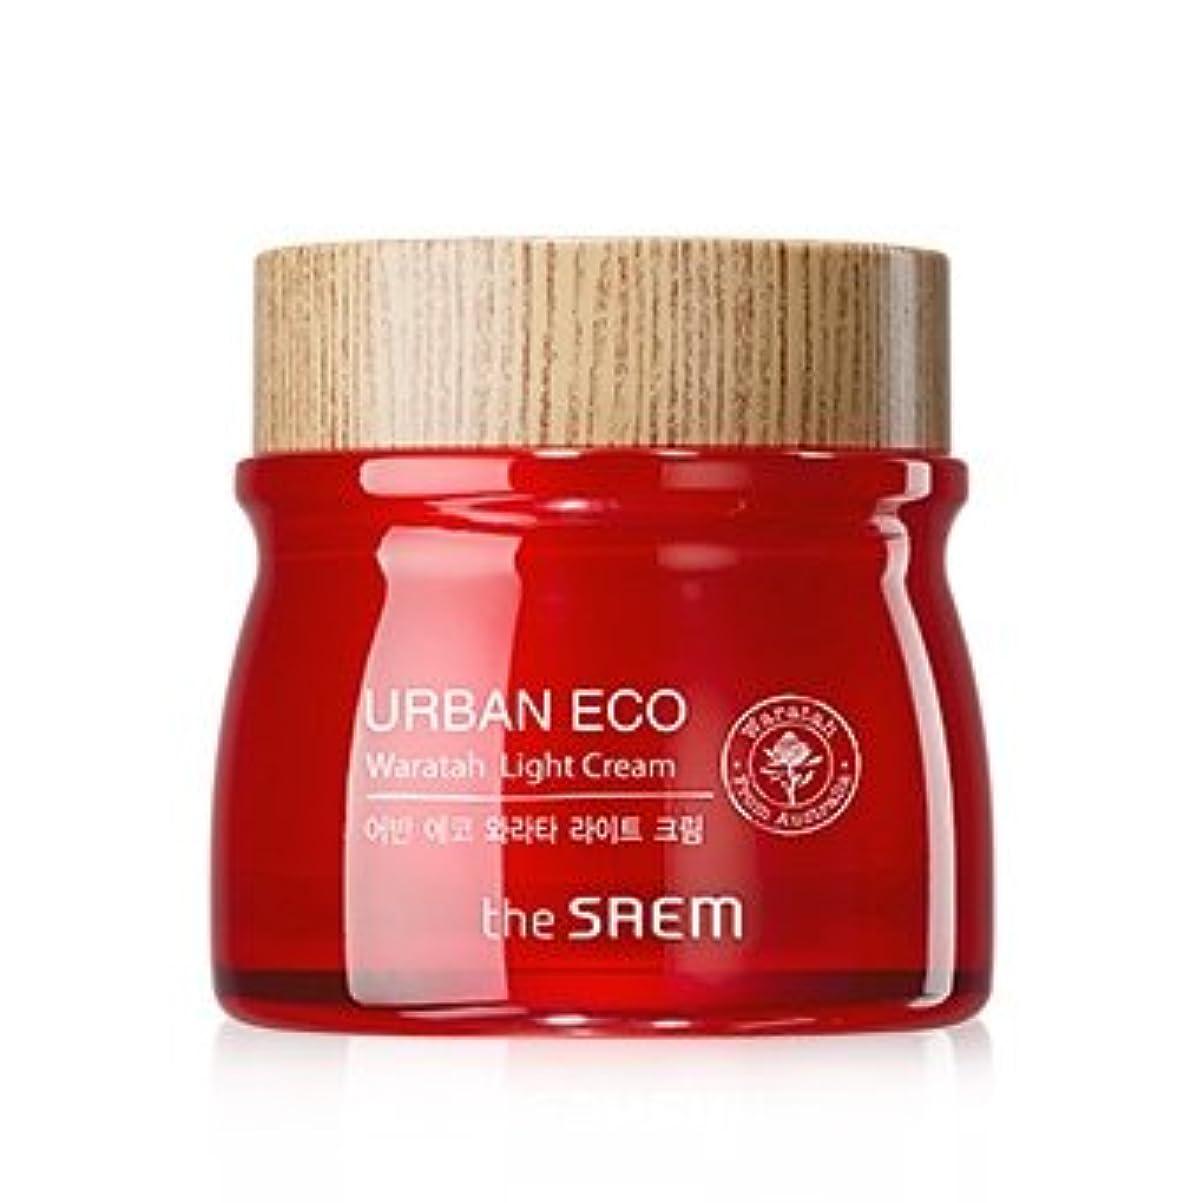 精巧な老朽化したコードレスThe Saem Urban Eco Waratah Light Cream 60ml ドセム アーバンエコワラターライトクリーム60ml[並行輸入品]